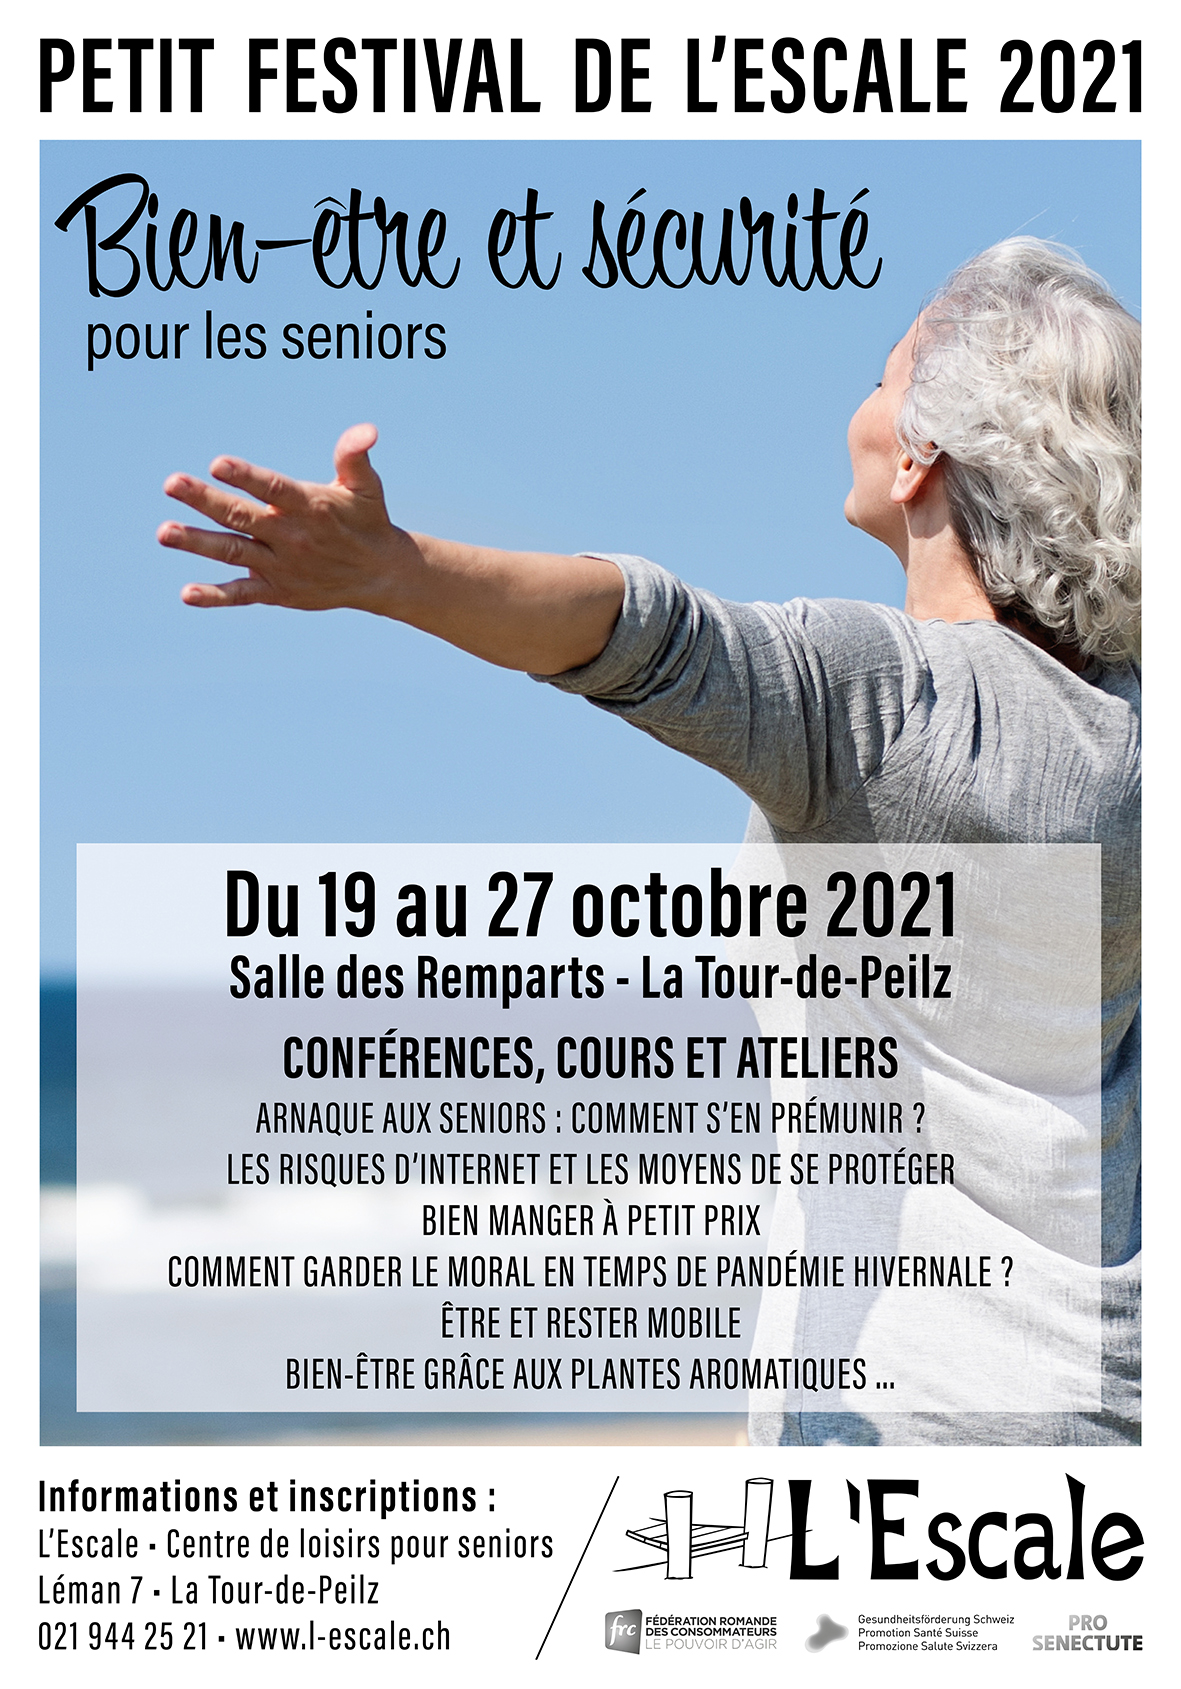 Du 19 au 27 octobre 2021: Festival de L'Escale